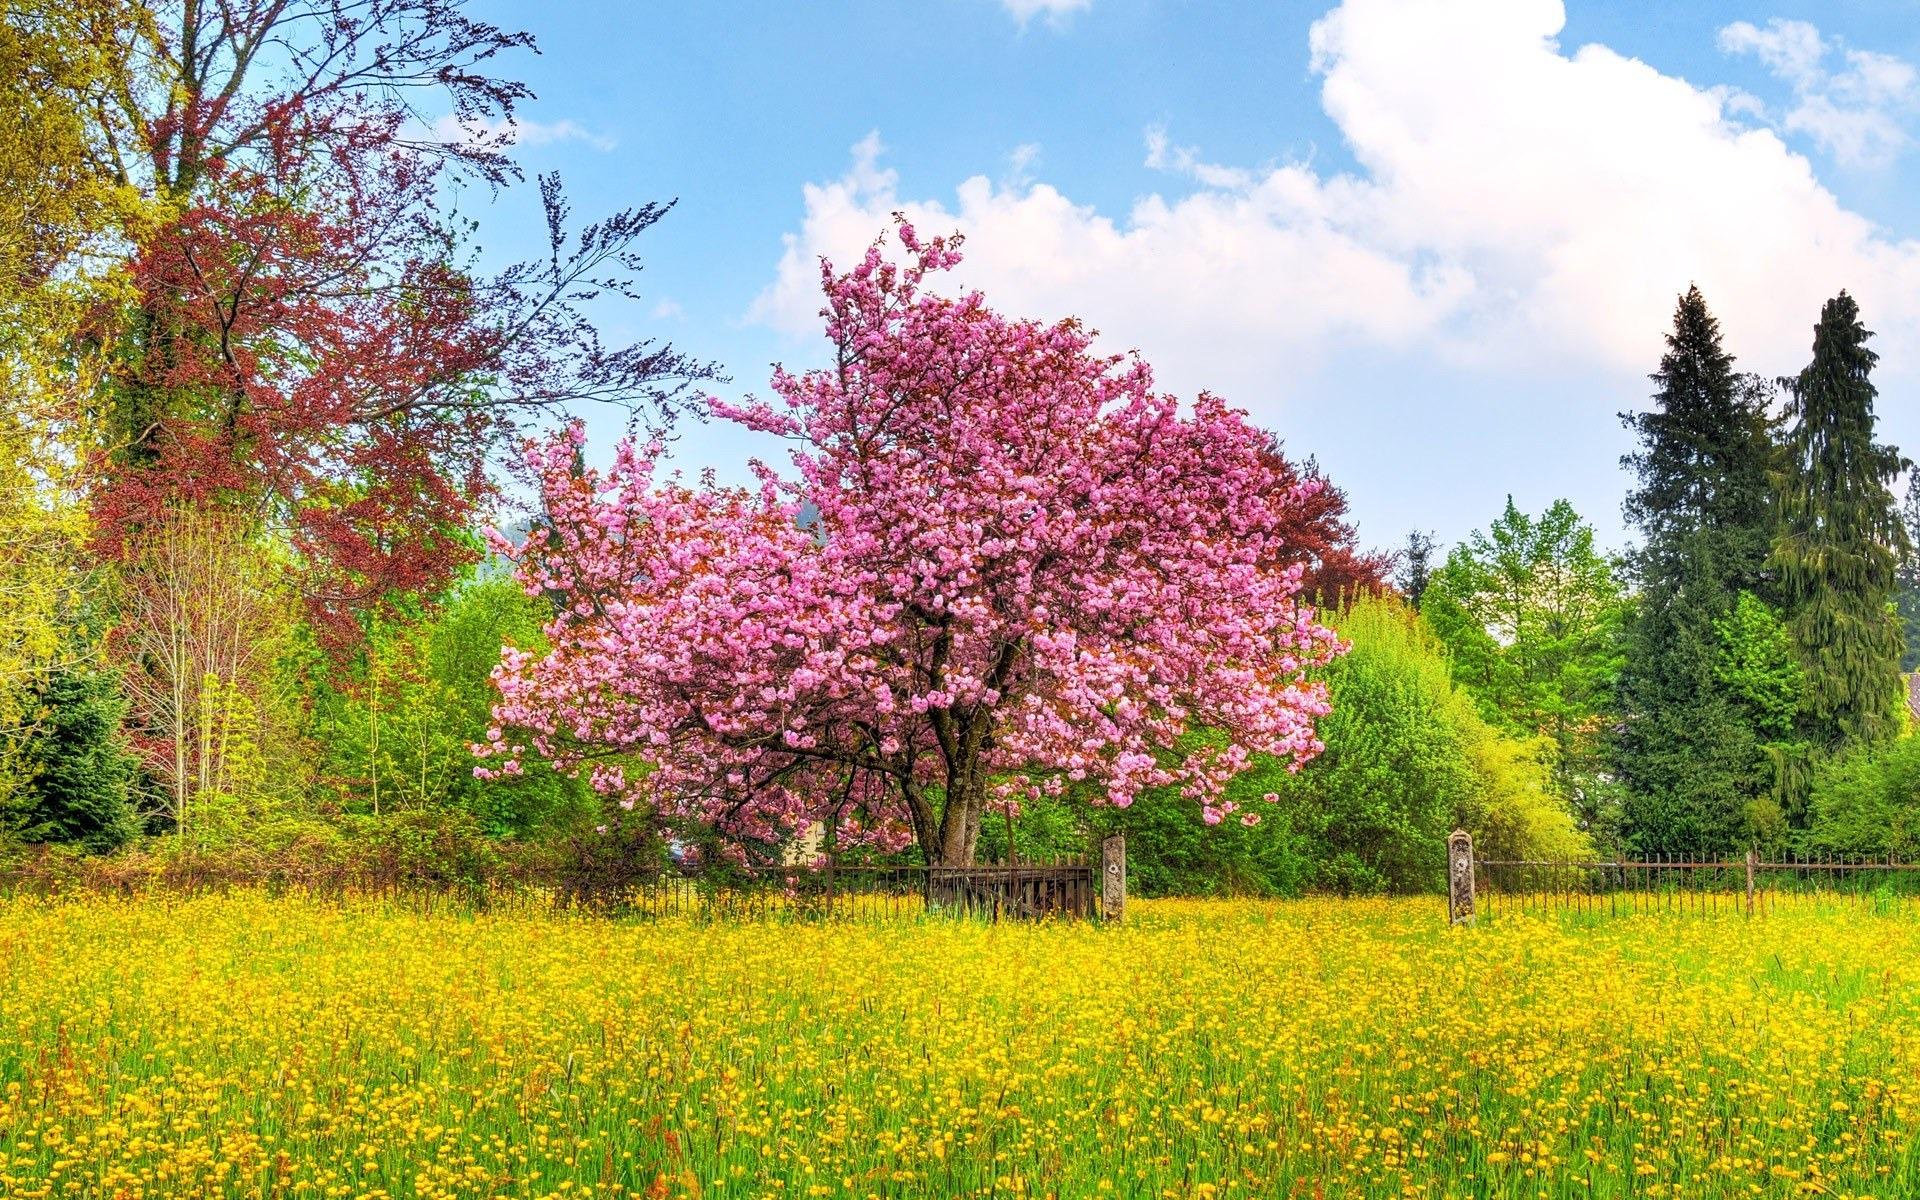 - 日本樱花树